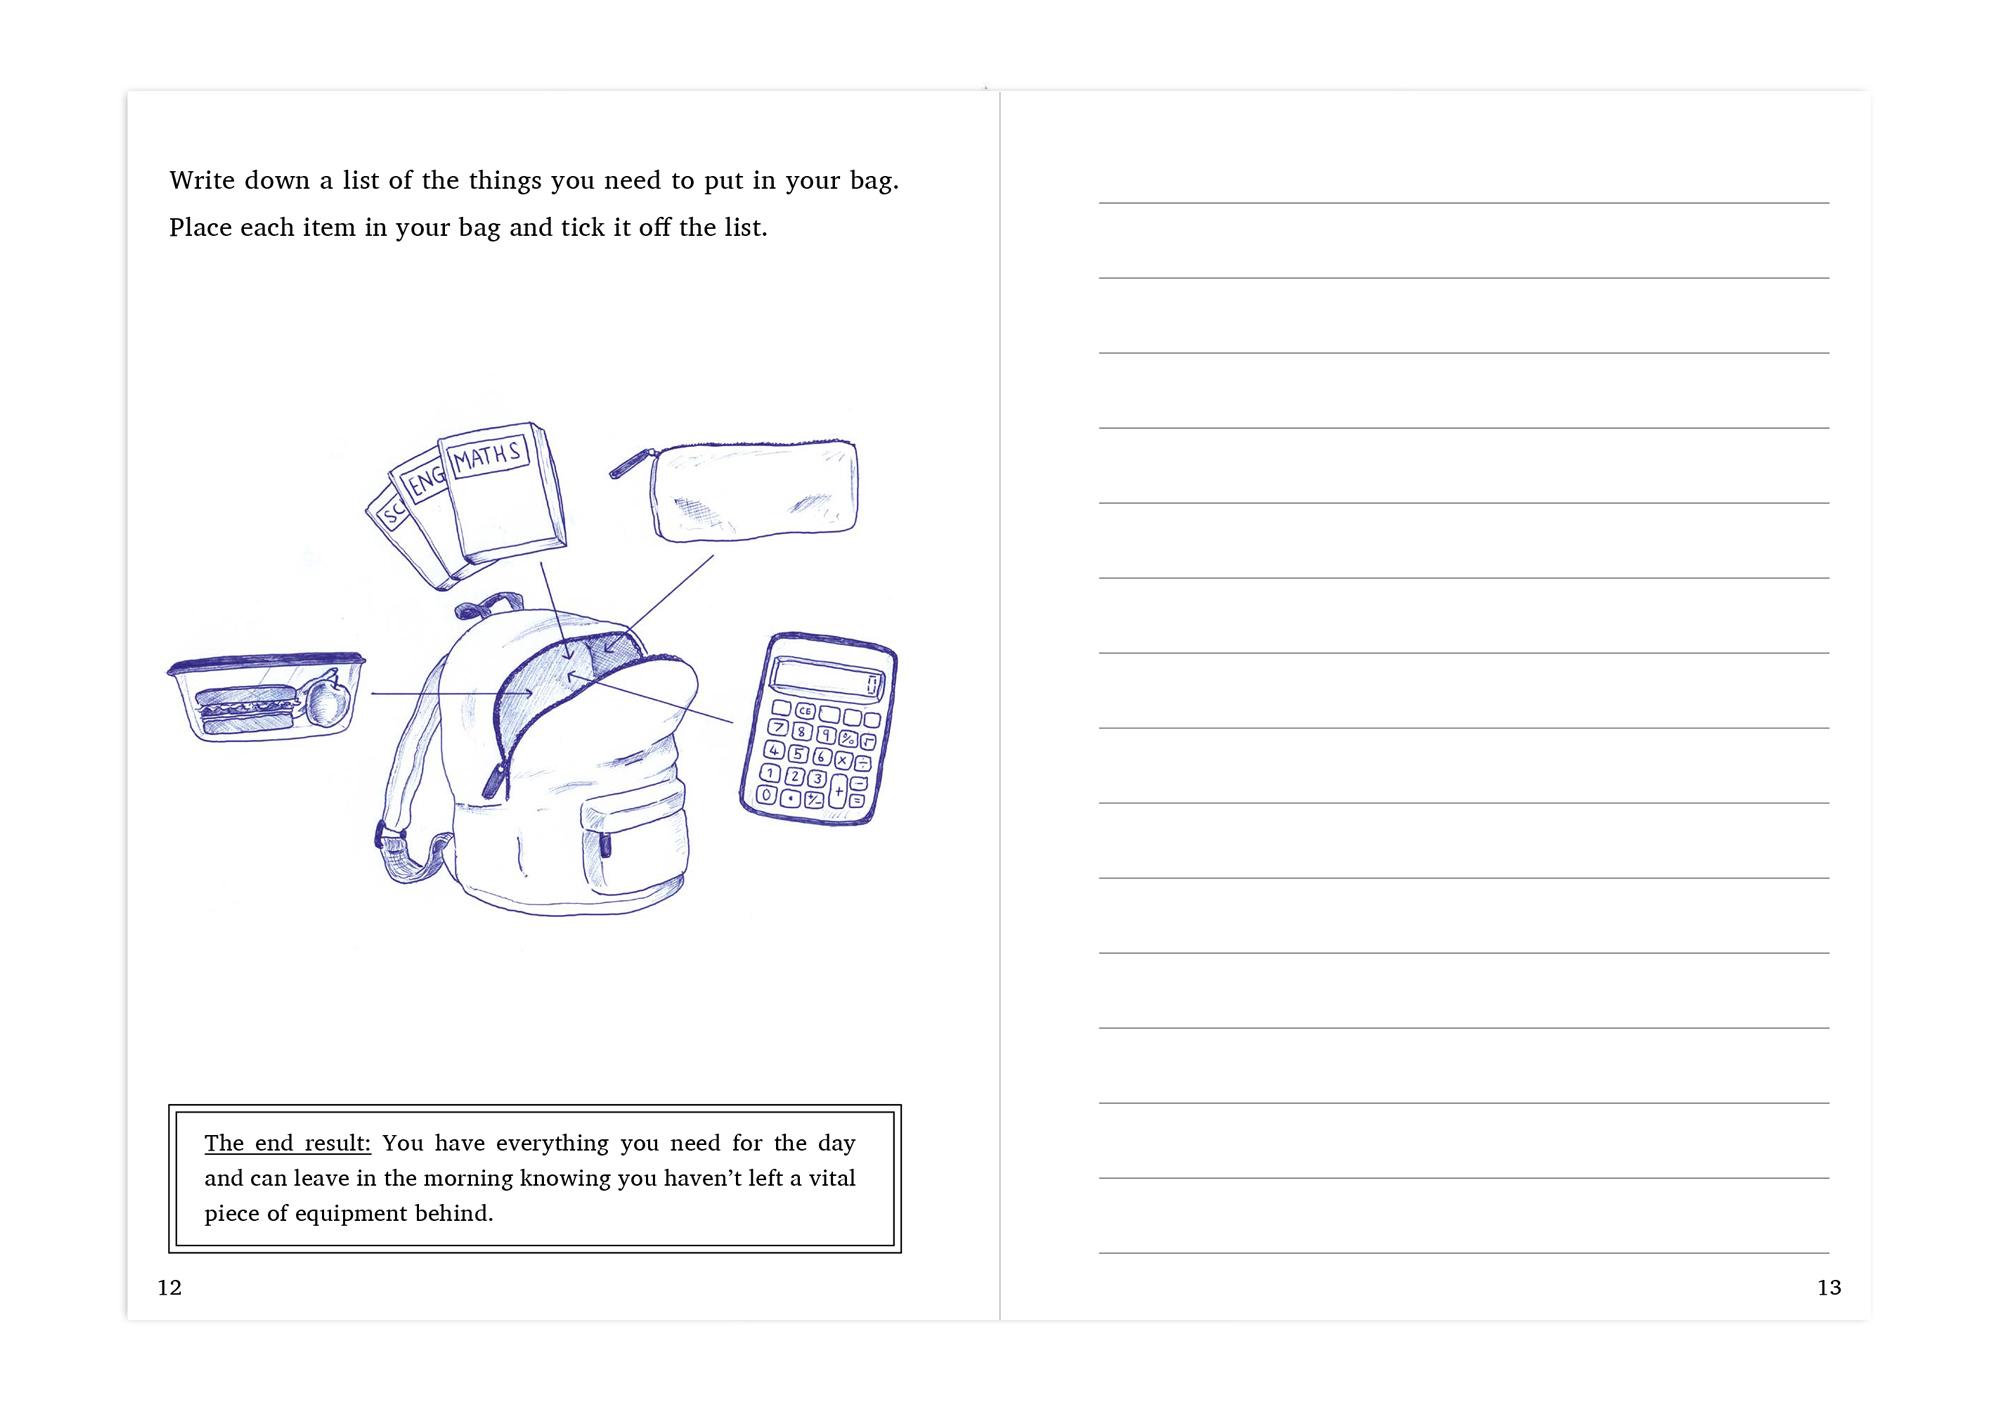 SG-Spead-write down a list.jpg